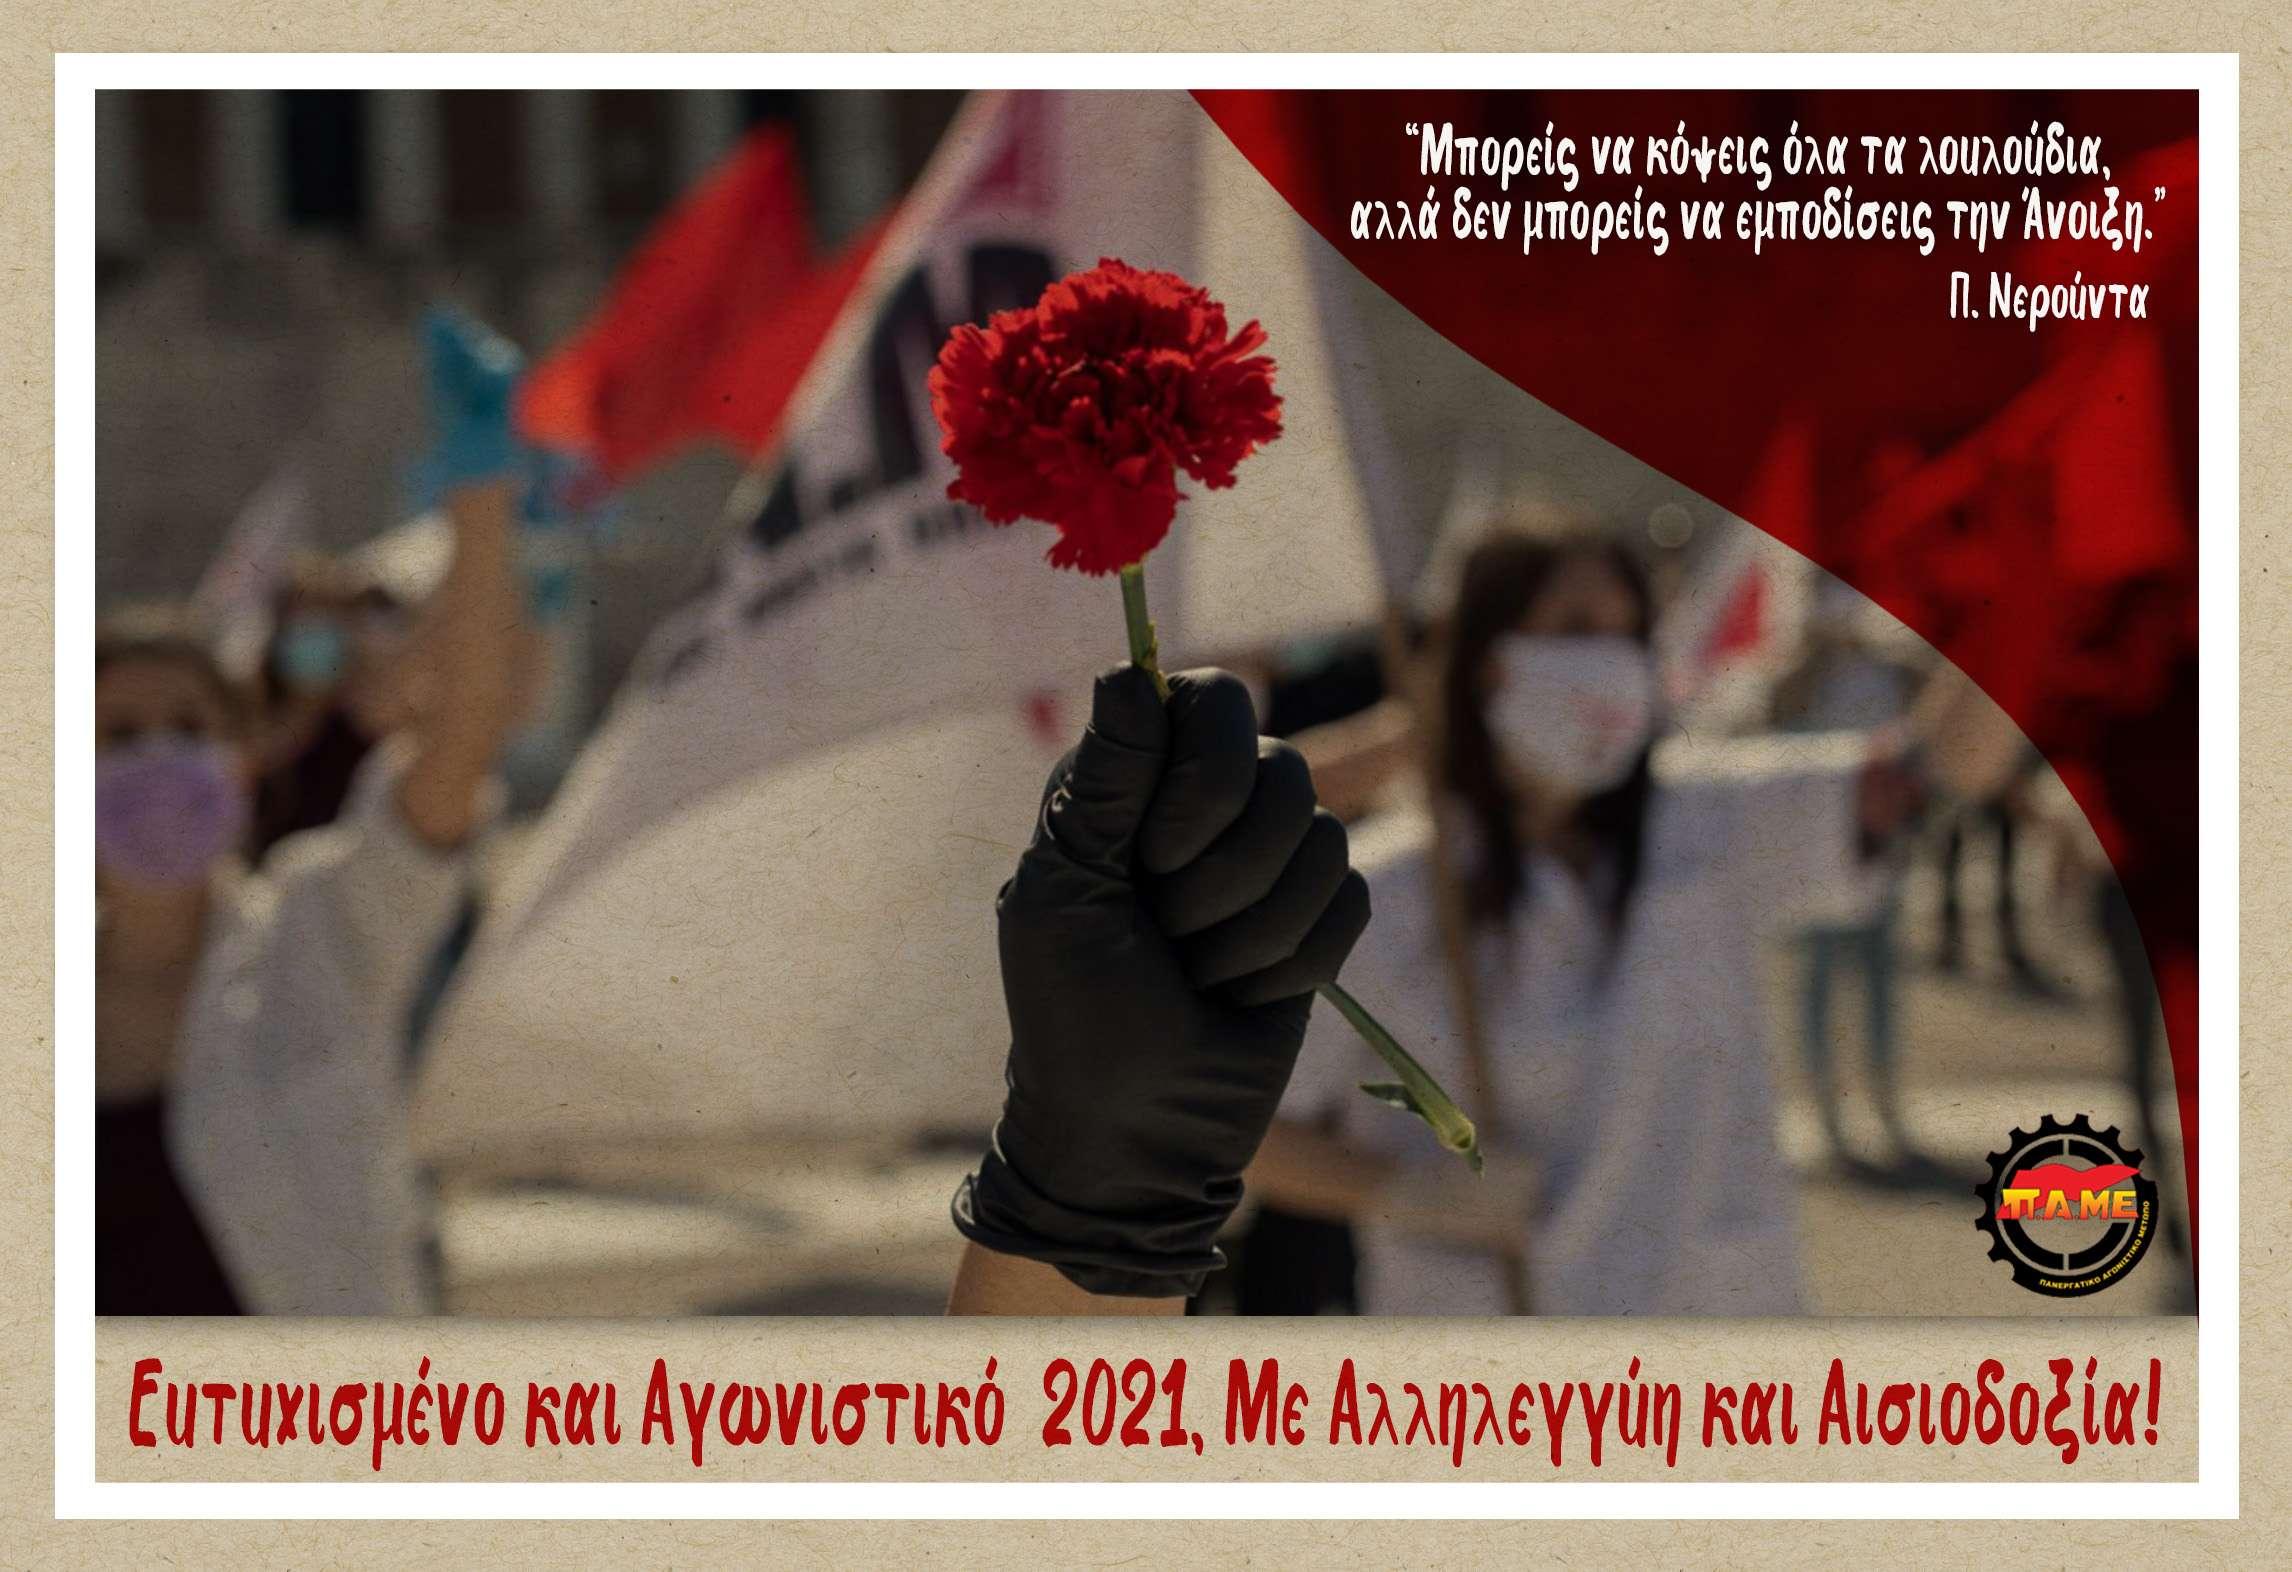 Καλή Χρονιά 2021 Μήνυμα ΠΑΜΕ